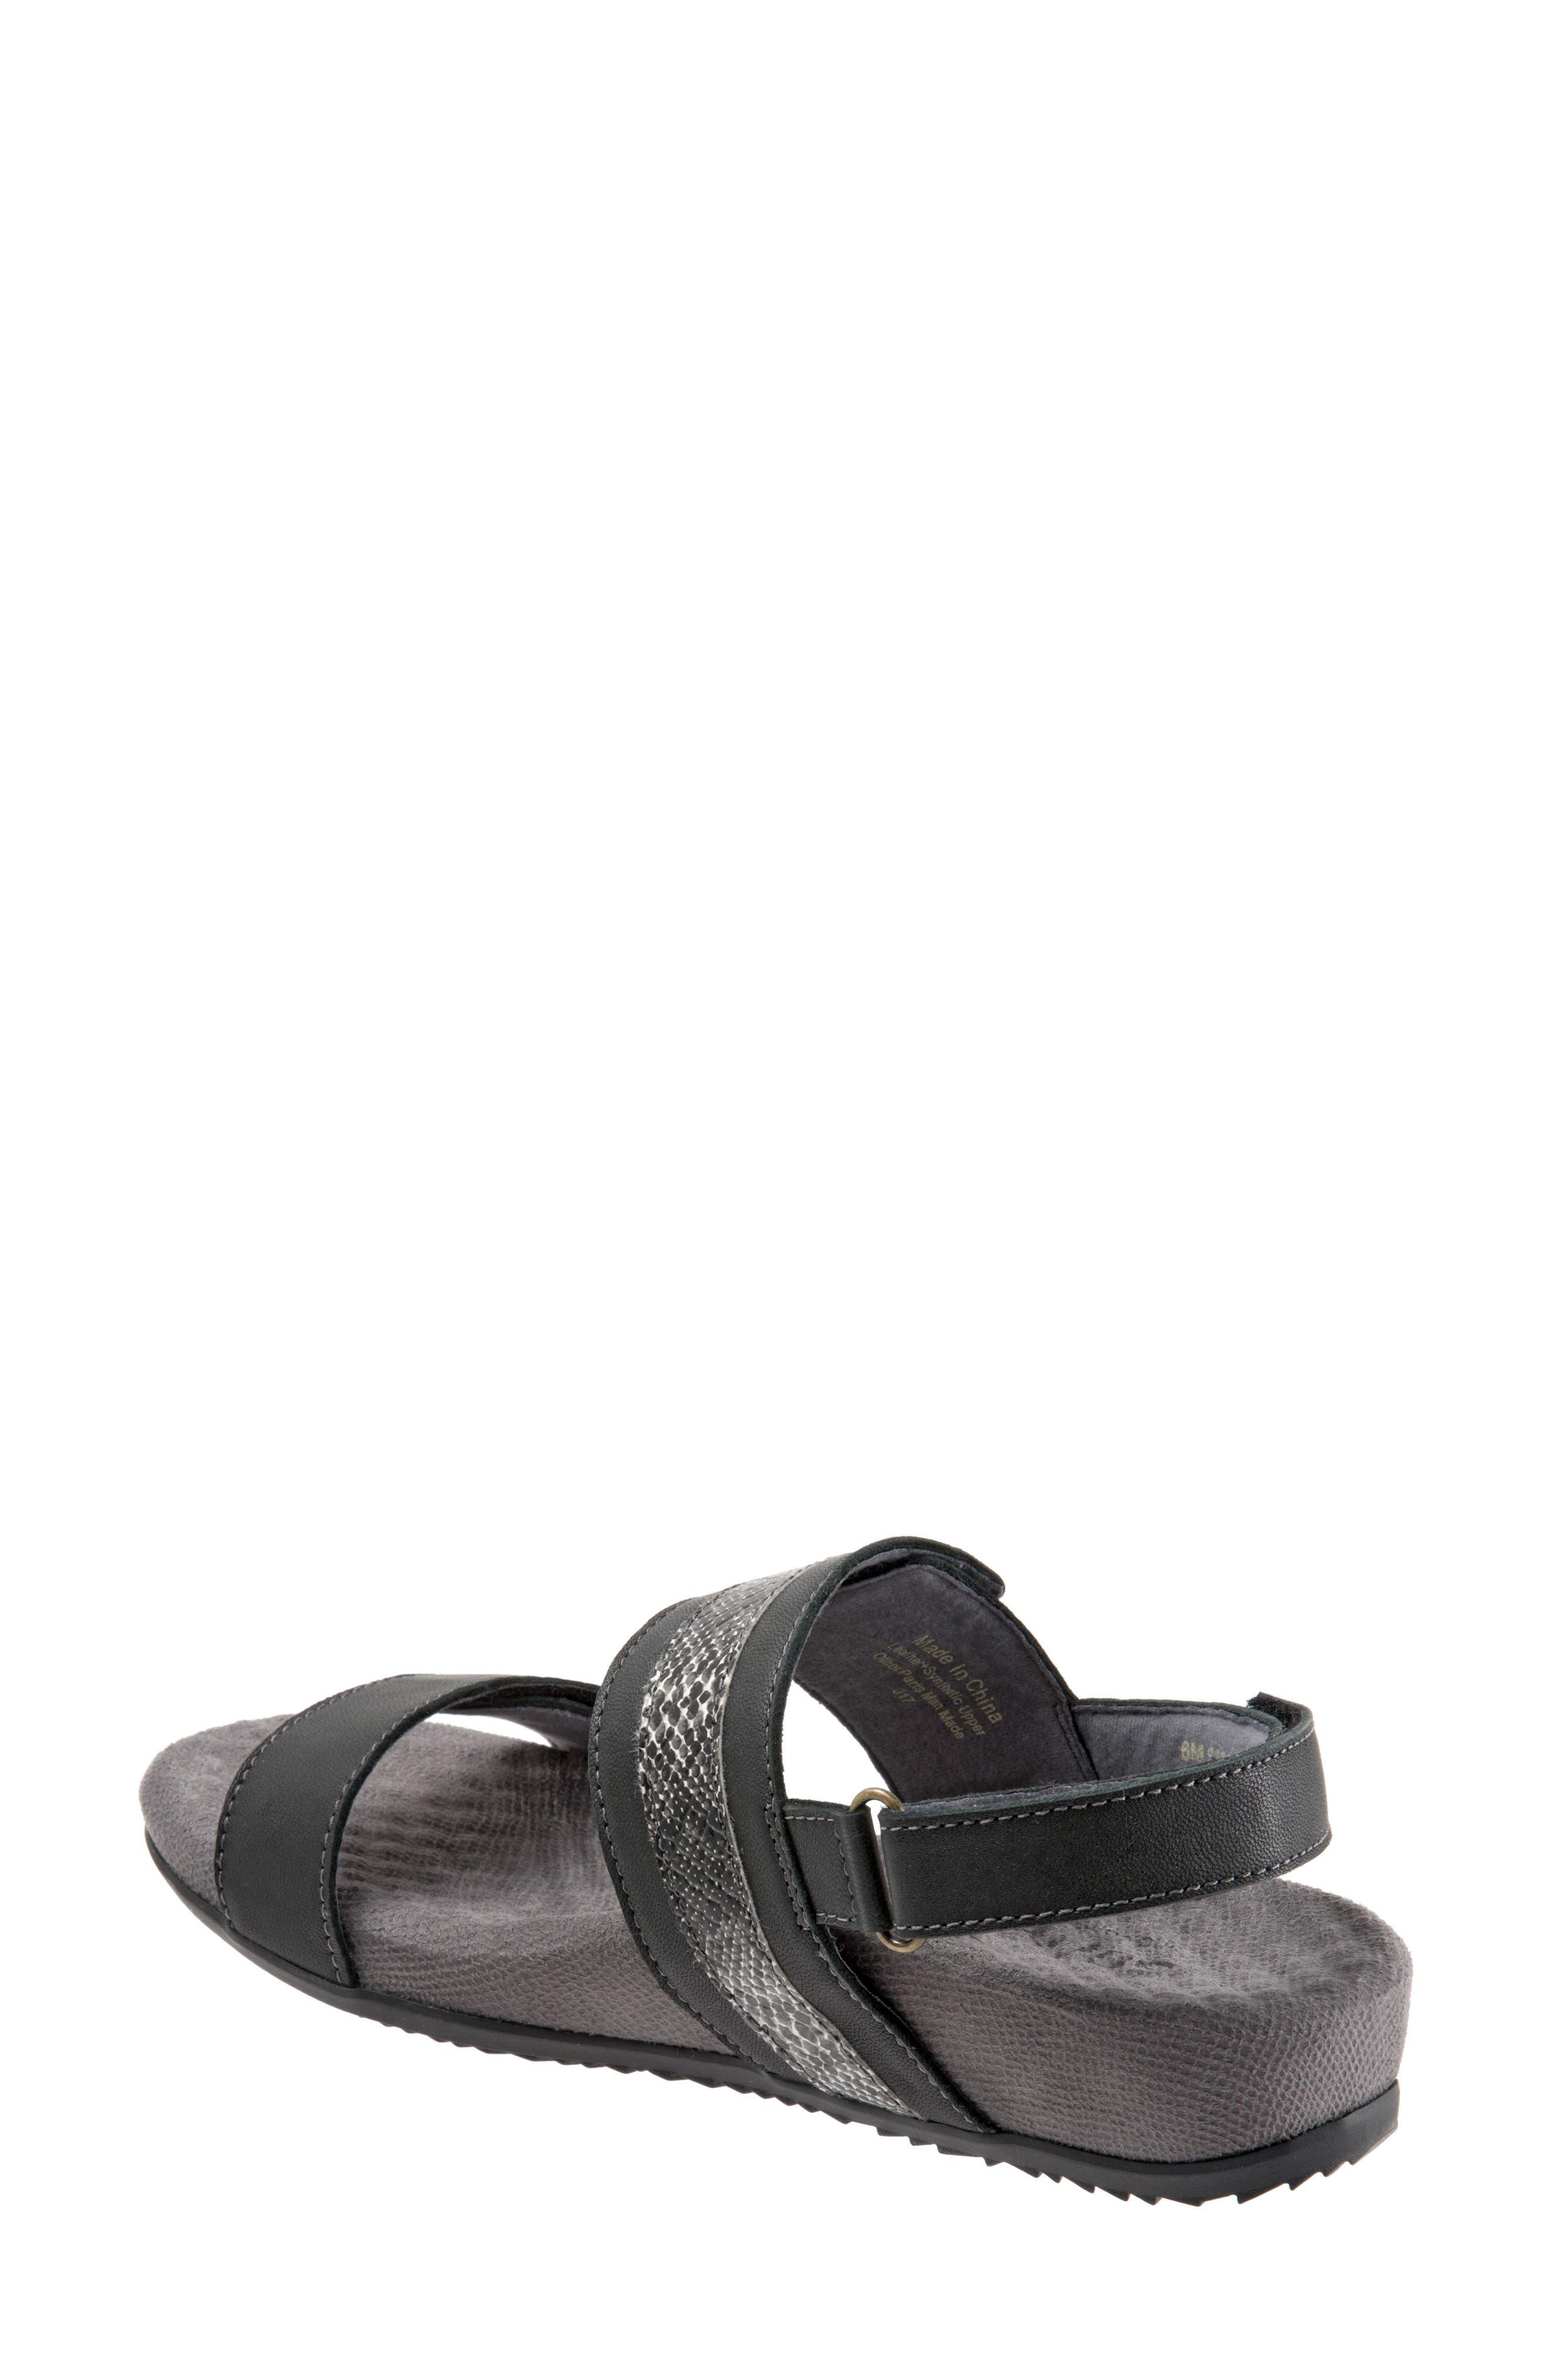 Bimmer Sandal,                             Alternate thumbnail 2, color,                             BLACK LEATHER